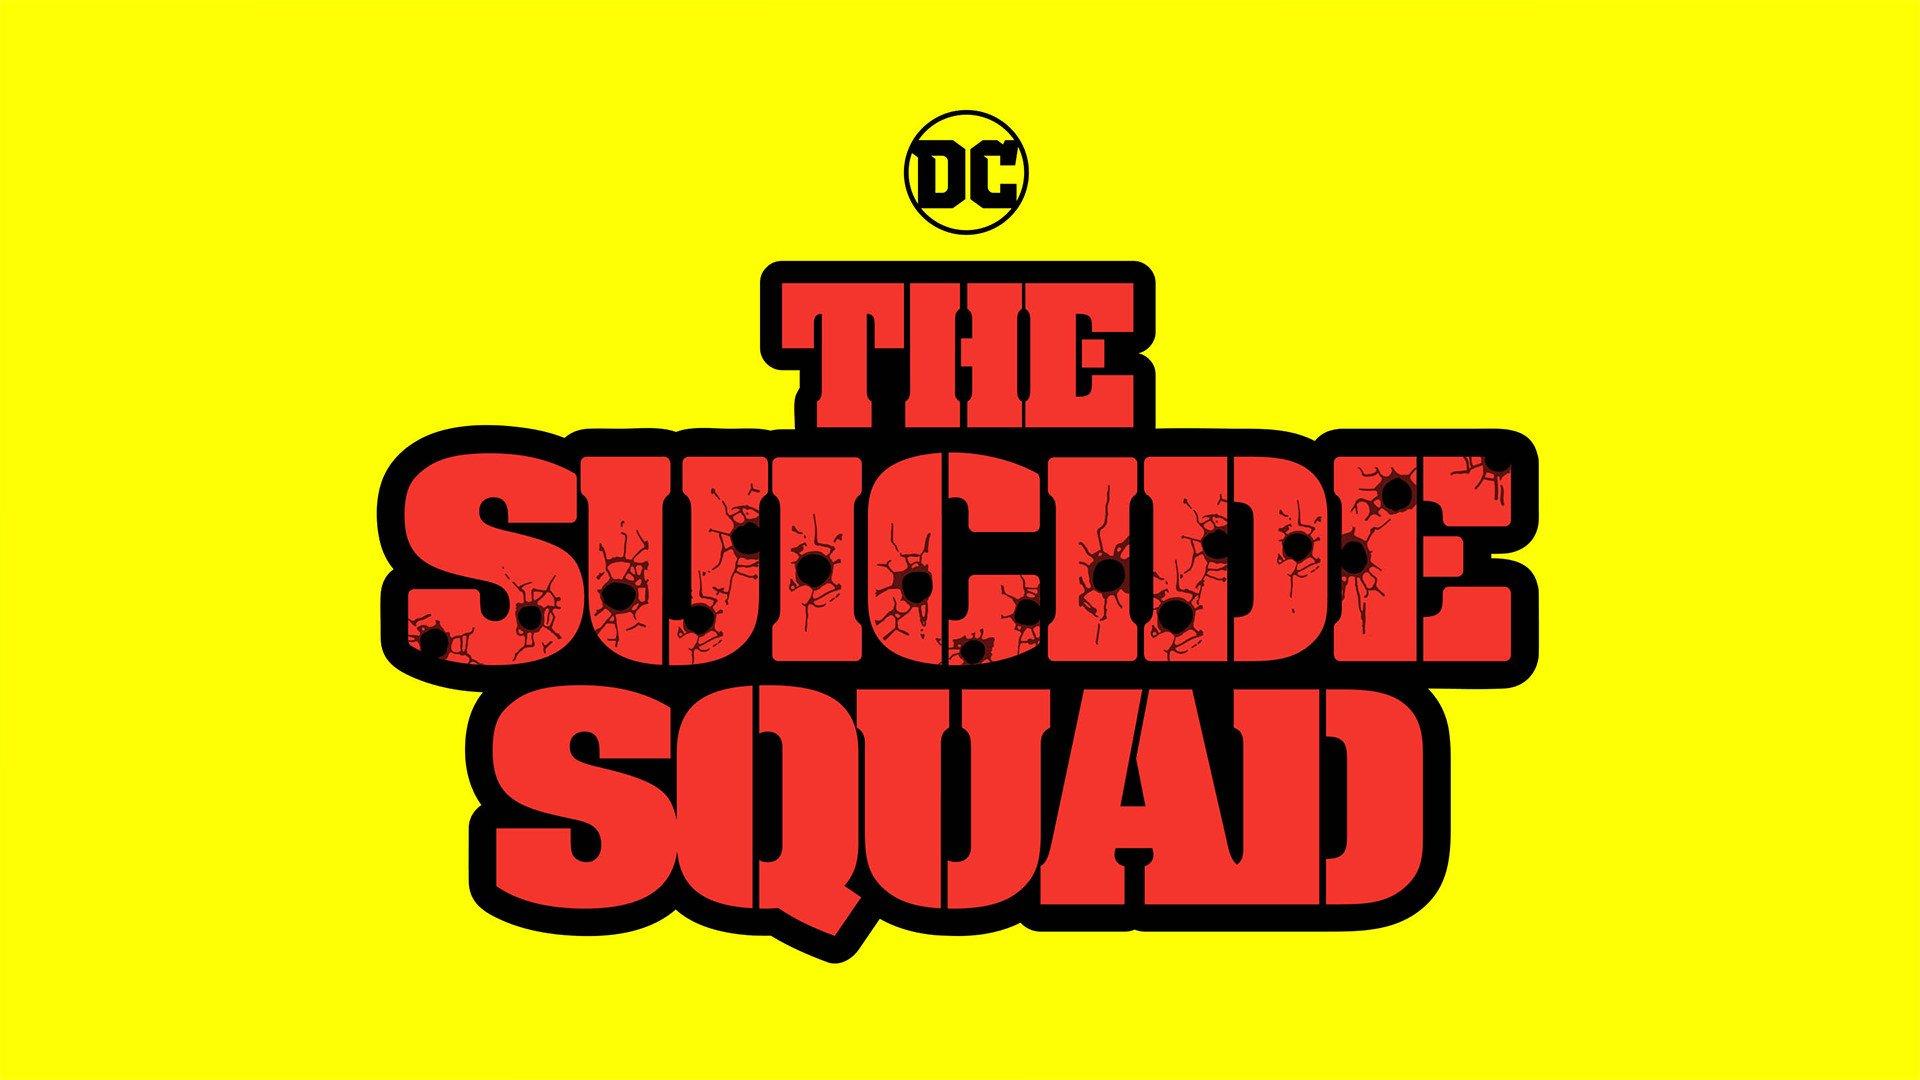 اولین تریلر فیلم The Suicide Squad احتمالا بهزودی منتشر خواهد شد 1